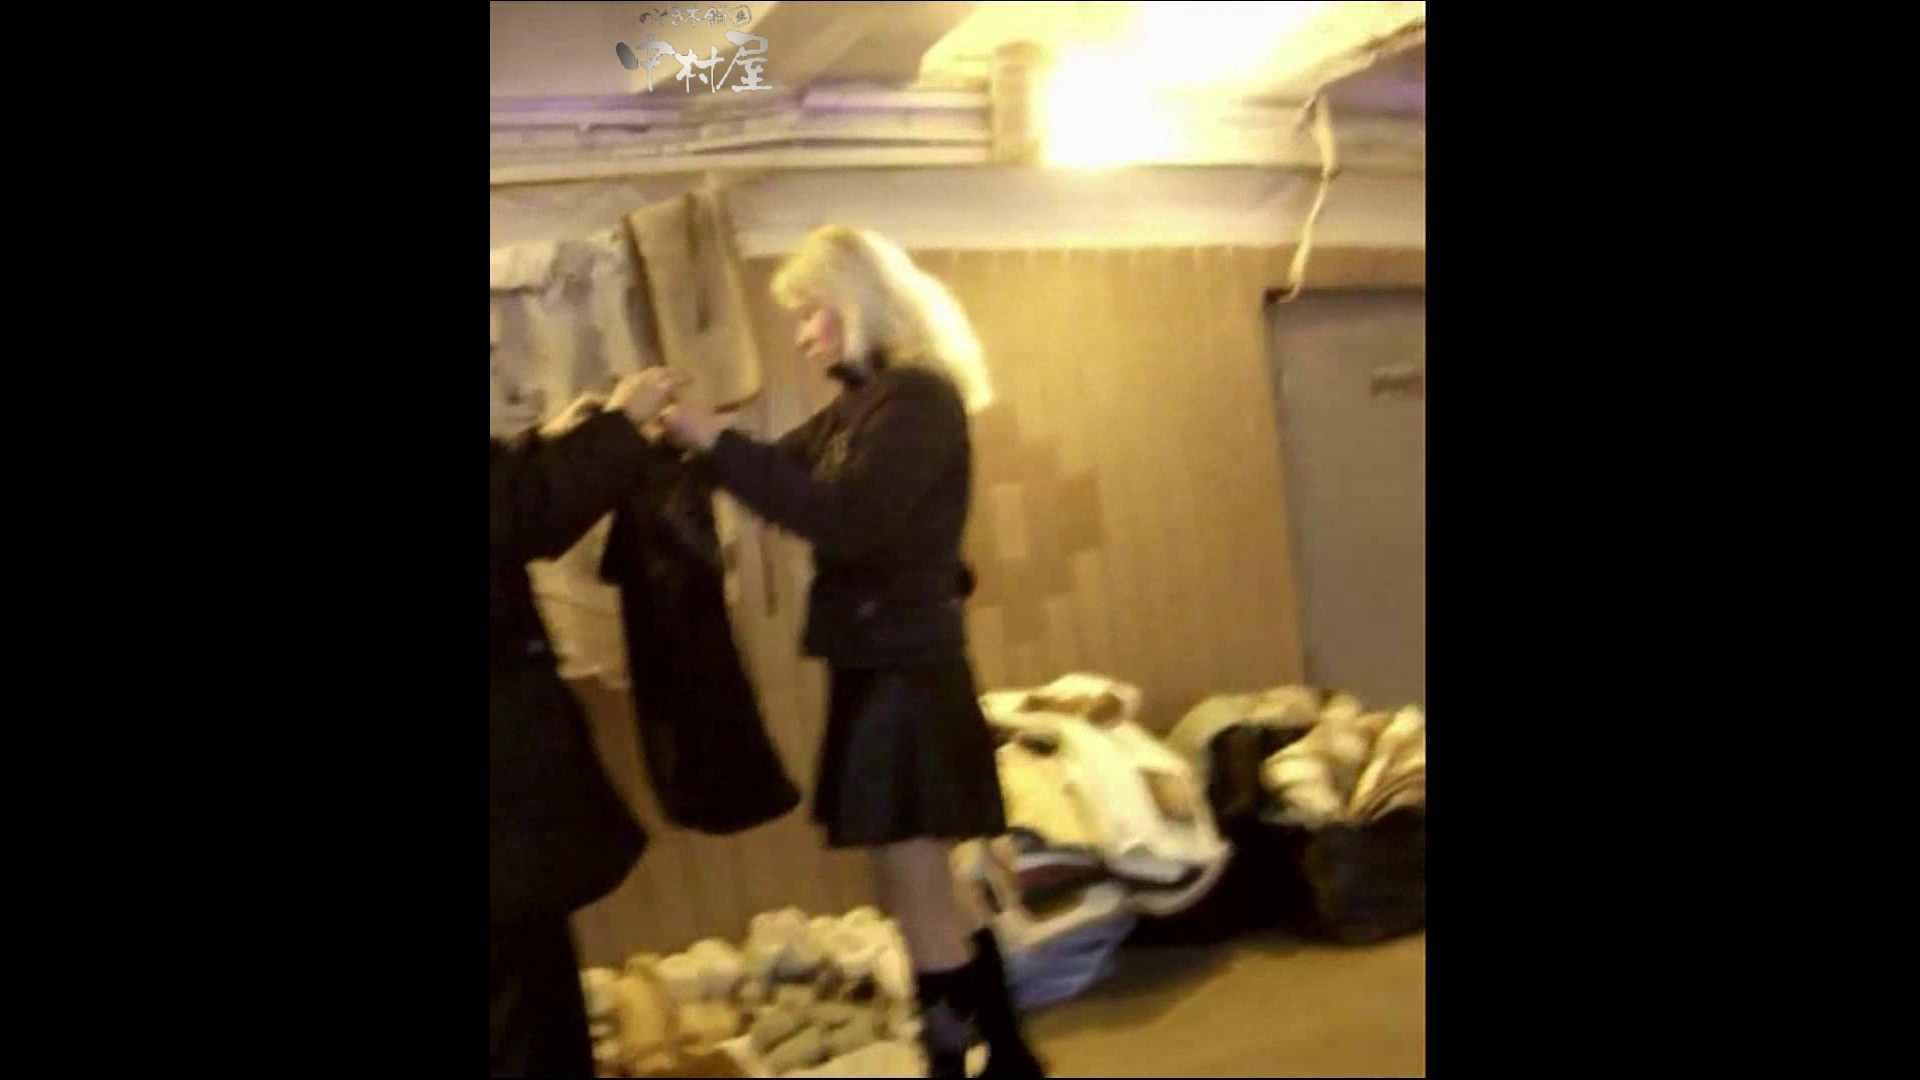 綺麗なモデルさんのスカート捲っちゃおう‼ vol18 お姉さんヌード | OLセックス  81画像 77